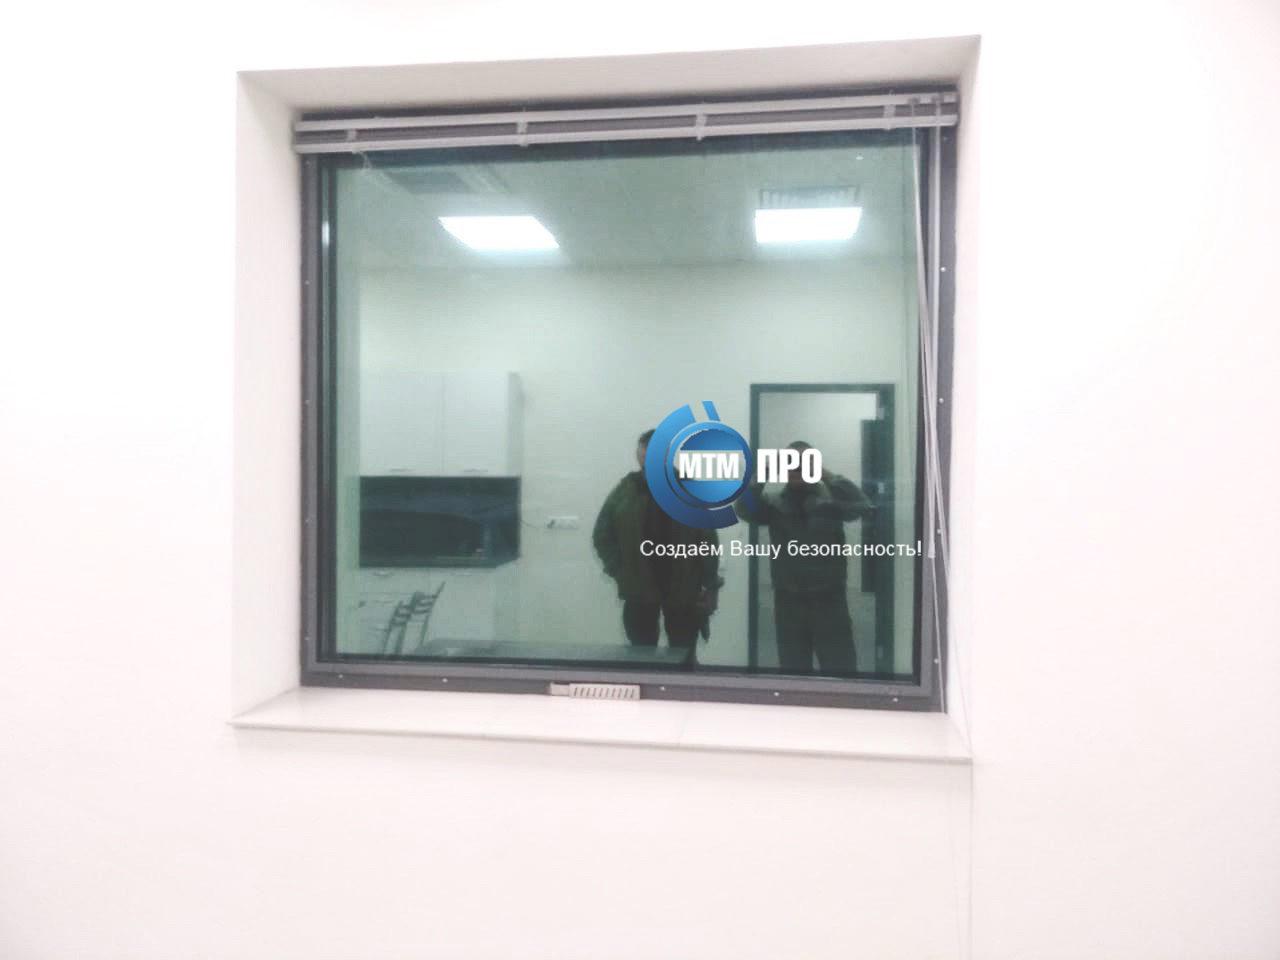 Окно пулестойкое с воздушным клапаном